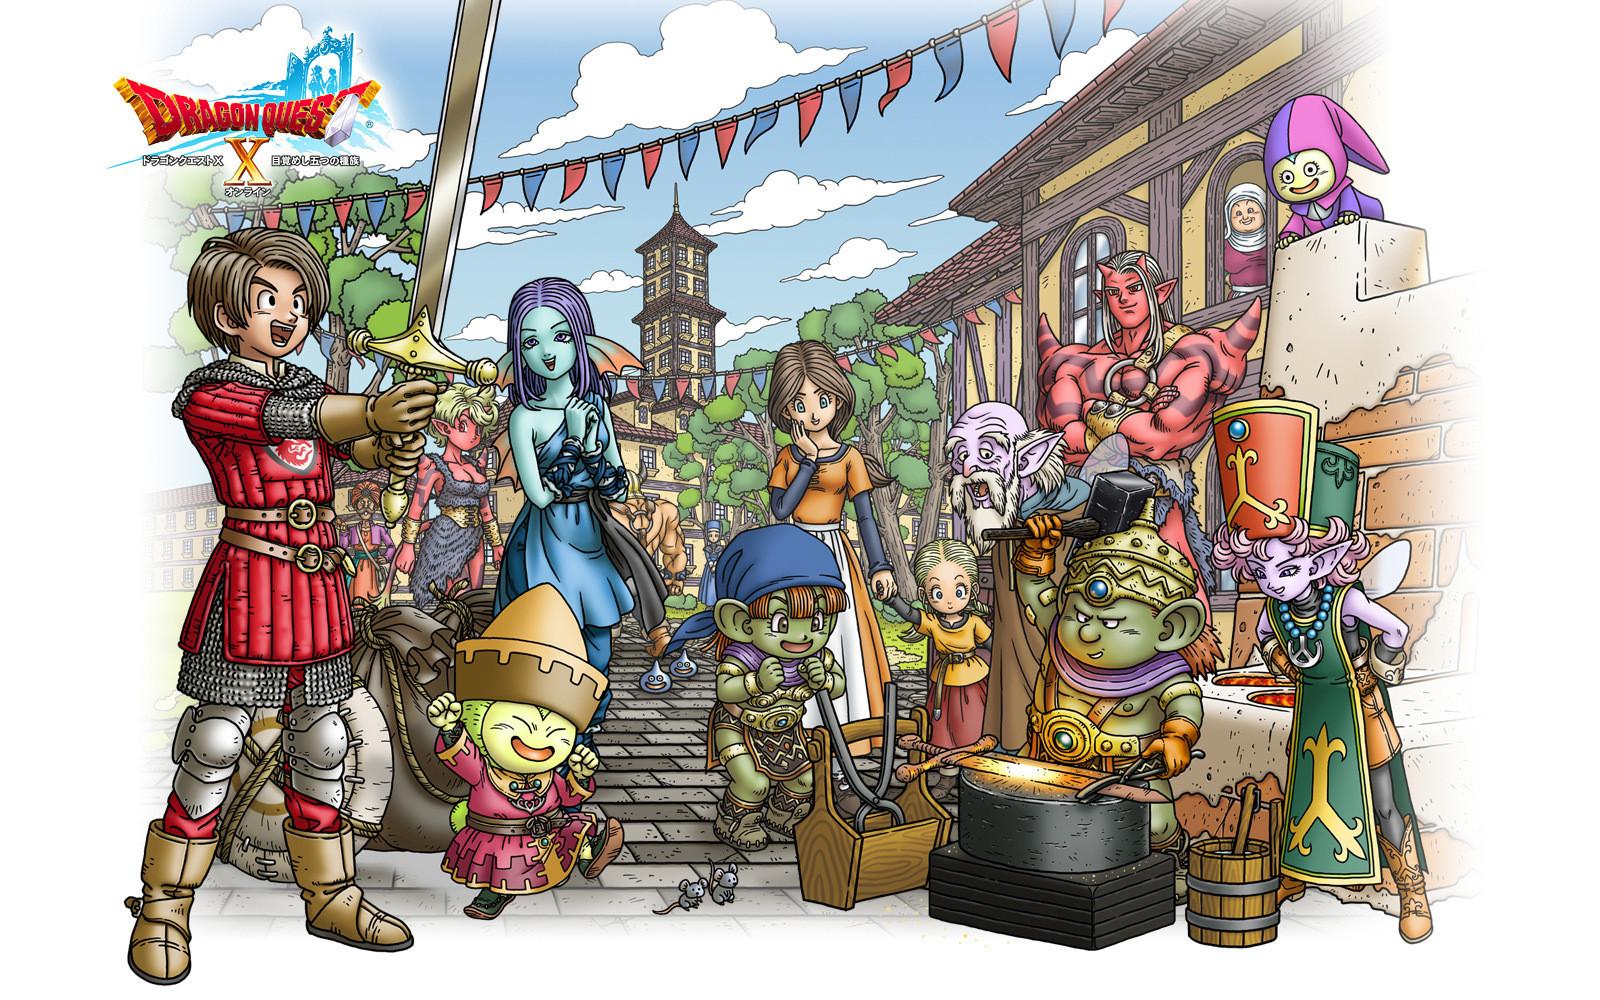 Dragon Quest X Gratis En Nintendo Switch Si Tienes El Juego De Wii